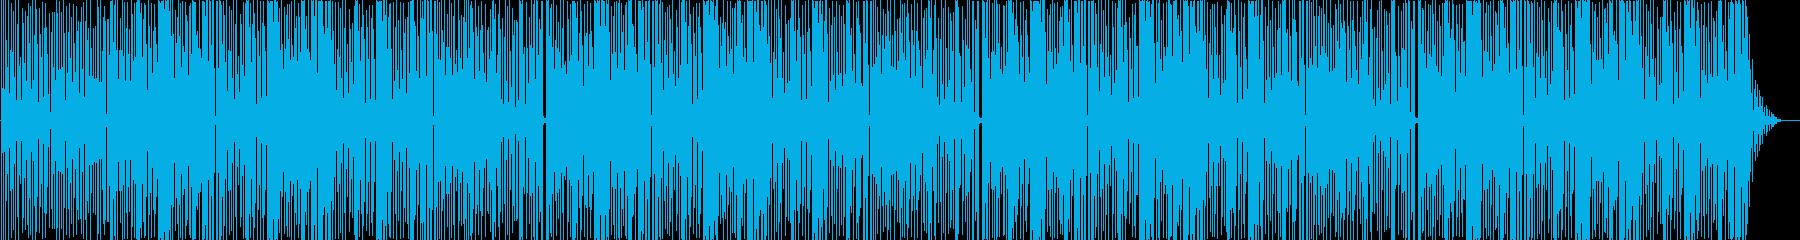 シンセサイザーのポップビートの再生済みの波形